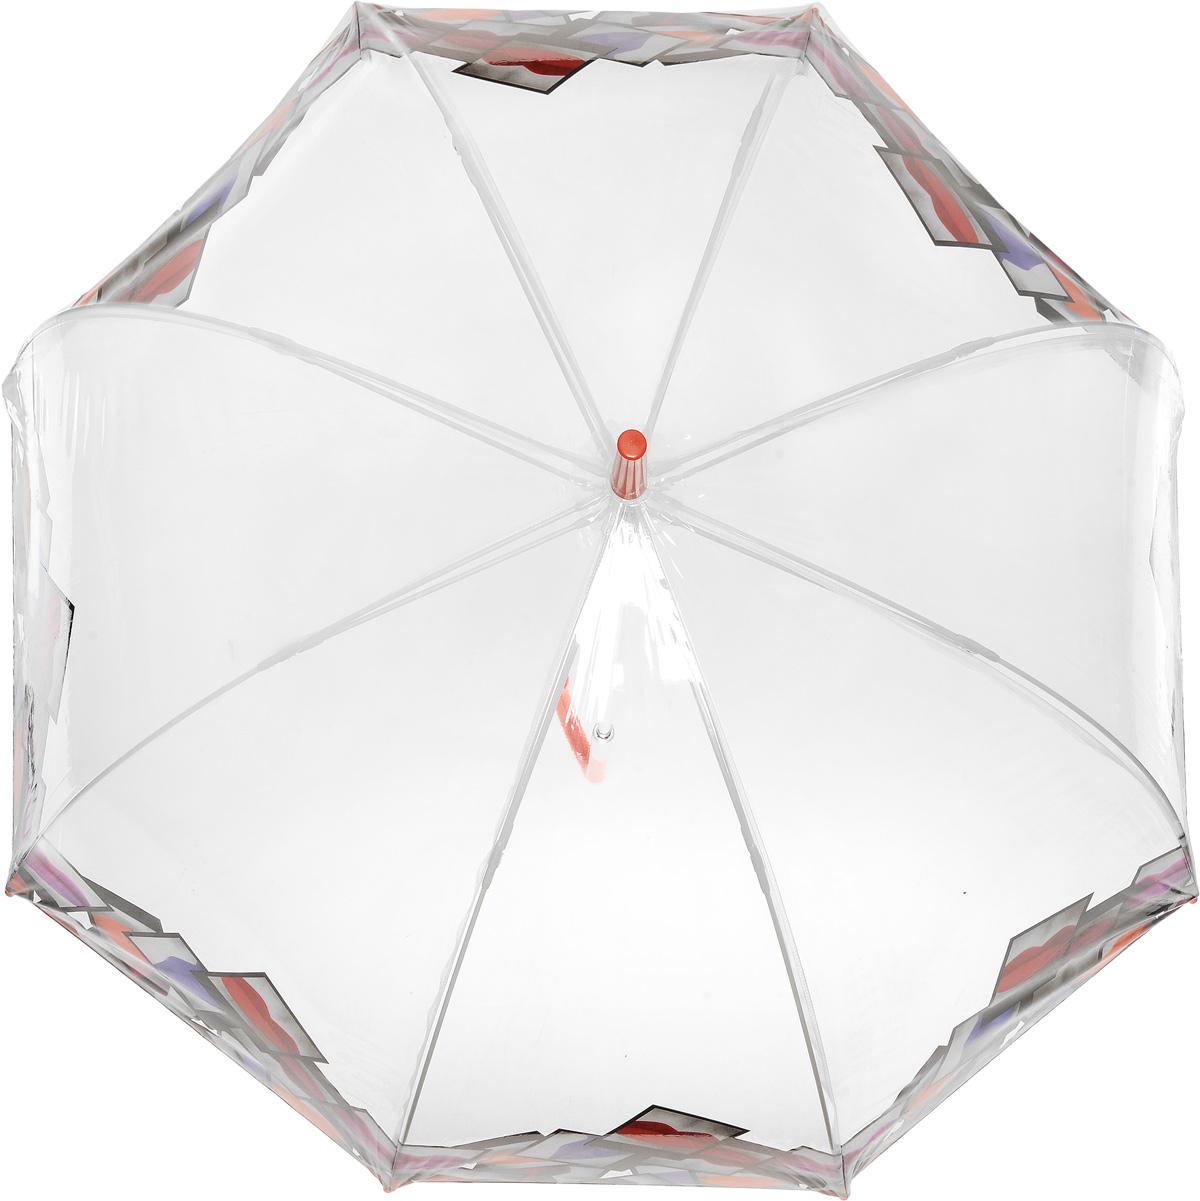 Зонт-трость женский Lulu Guinness Birdcage, механический, цвет: прозрачный. L719-3079L719-3079 LipsPolaroidBorderНеобычный механический зонт-трость Lulu Guinness Birdcage даже в ненастную погоду позволит вам оставаться модной и элегантной. Каркас зонта включает 8 спиц из фибергласса с пластиковыми наконечниками. Стержень изготовлен из стали. Купол зонта выполнен из высококачественного прозрачного ПВХ и оформлен по краю оригинальным принтом. Изделие дополнено удобной пластиковой рукояткой с металлическим элементом. Зонт механического сложения: купол открывается и закрывается вручную до характерного щелчка. Модель дополнительно застегивается с помощью хлястика на кнопку. Такой зонт не только надежно защитит вас от дождя, но и станет стильным аксессуаром, который идеально подчеркнет ваш неповторимый образ.